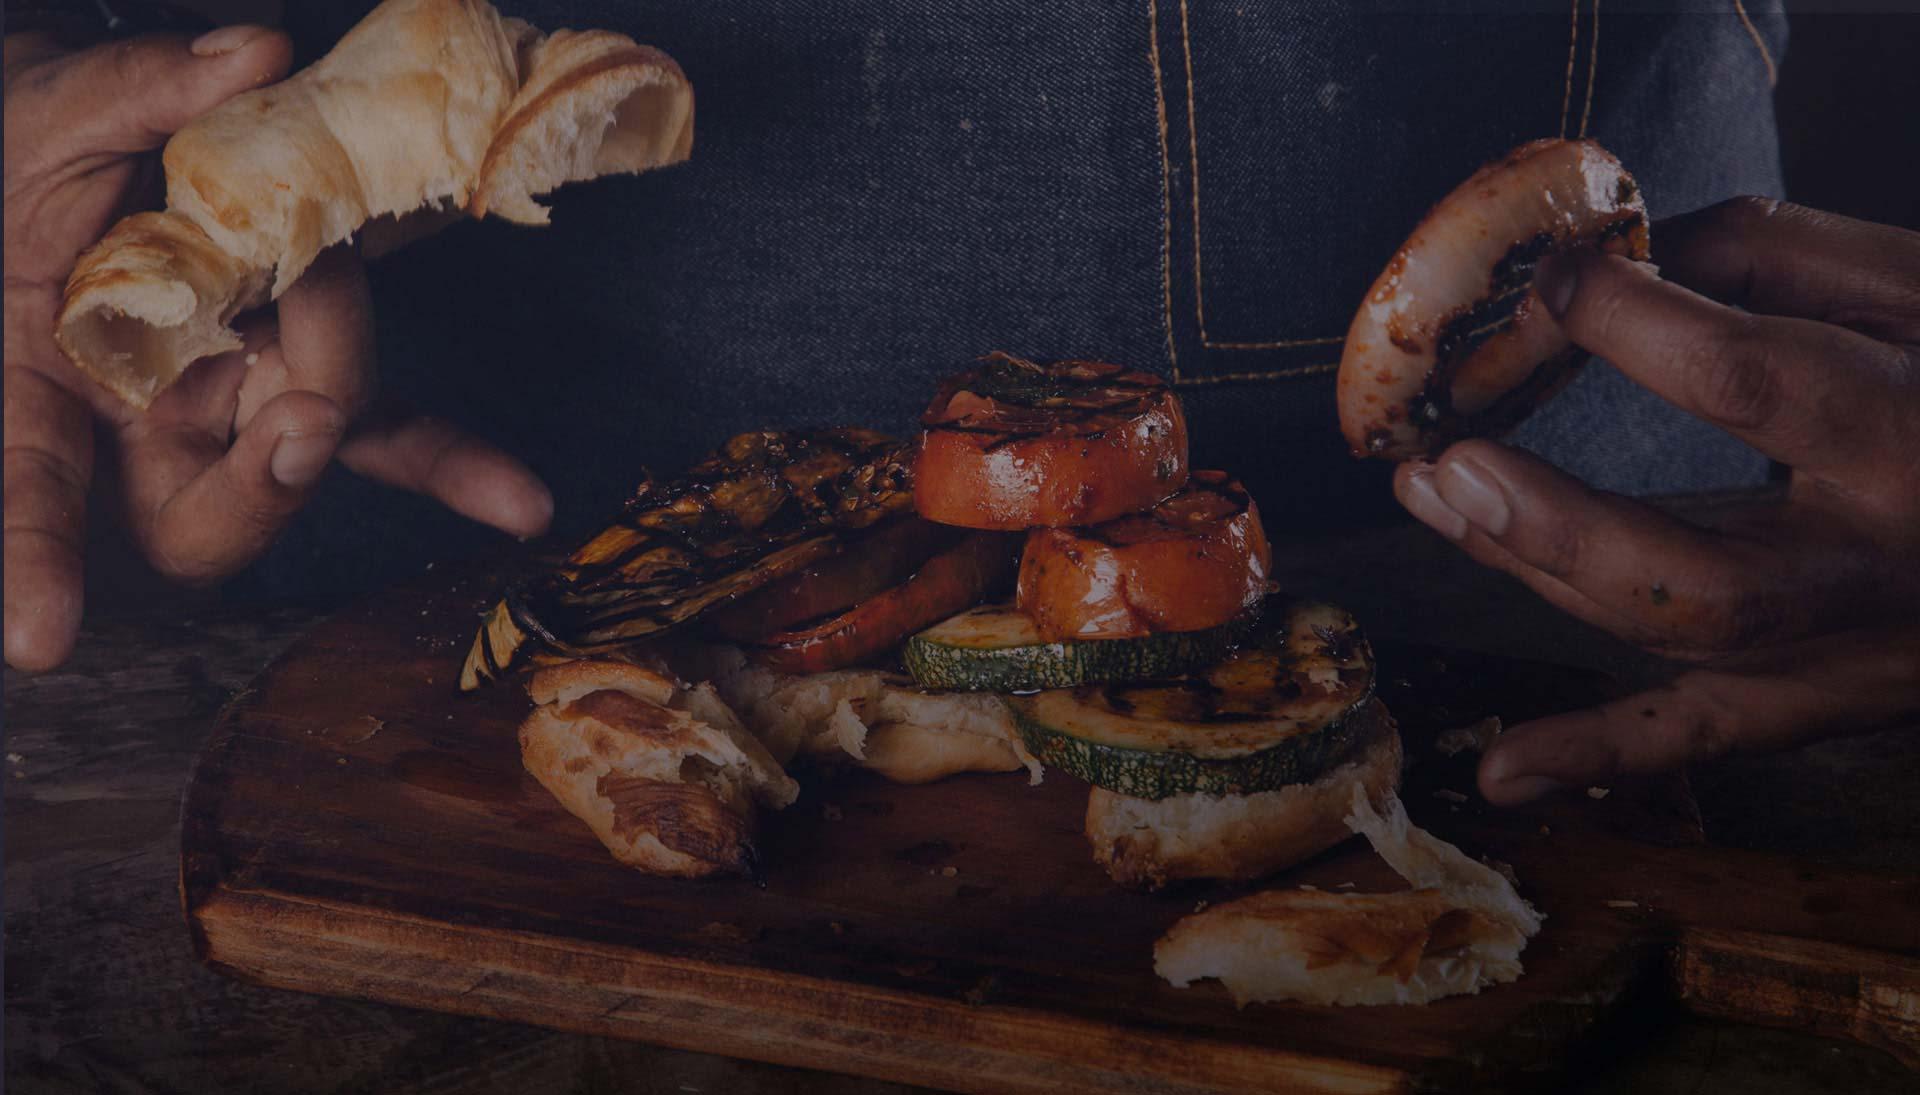 Cusco's Chef Fabricio Durand preparing a vegetarian croissant at Green Point Restaurants Cusco.